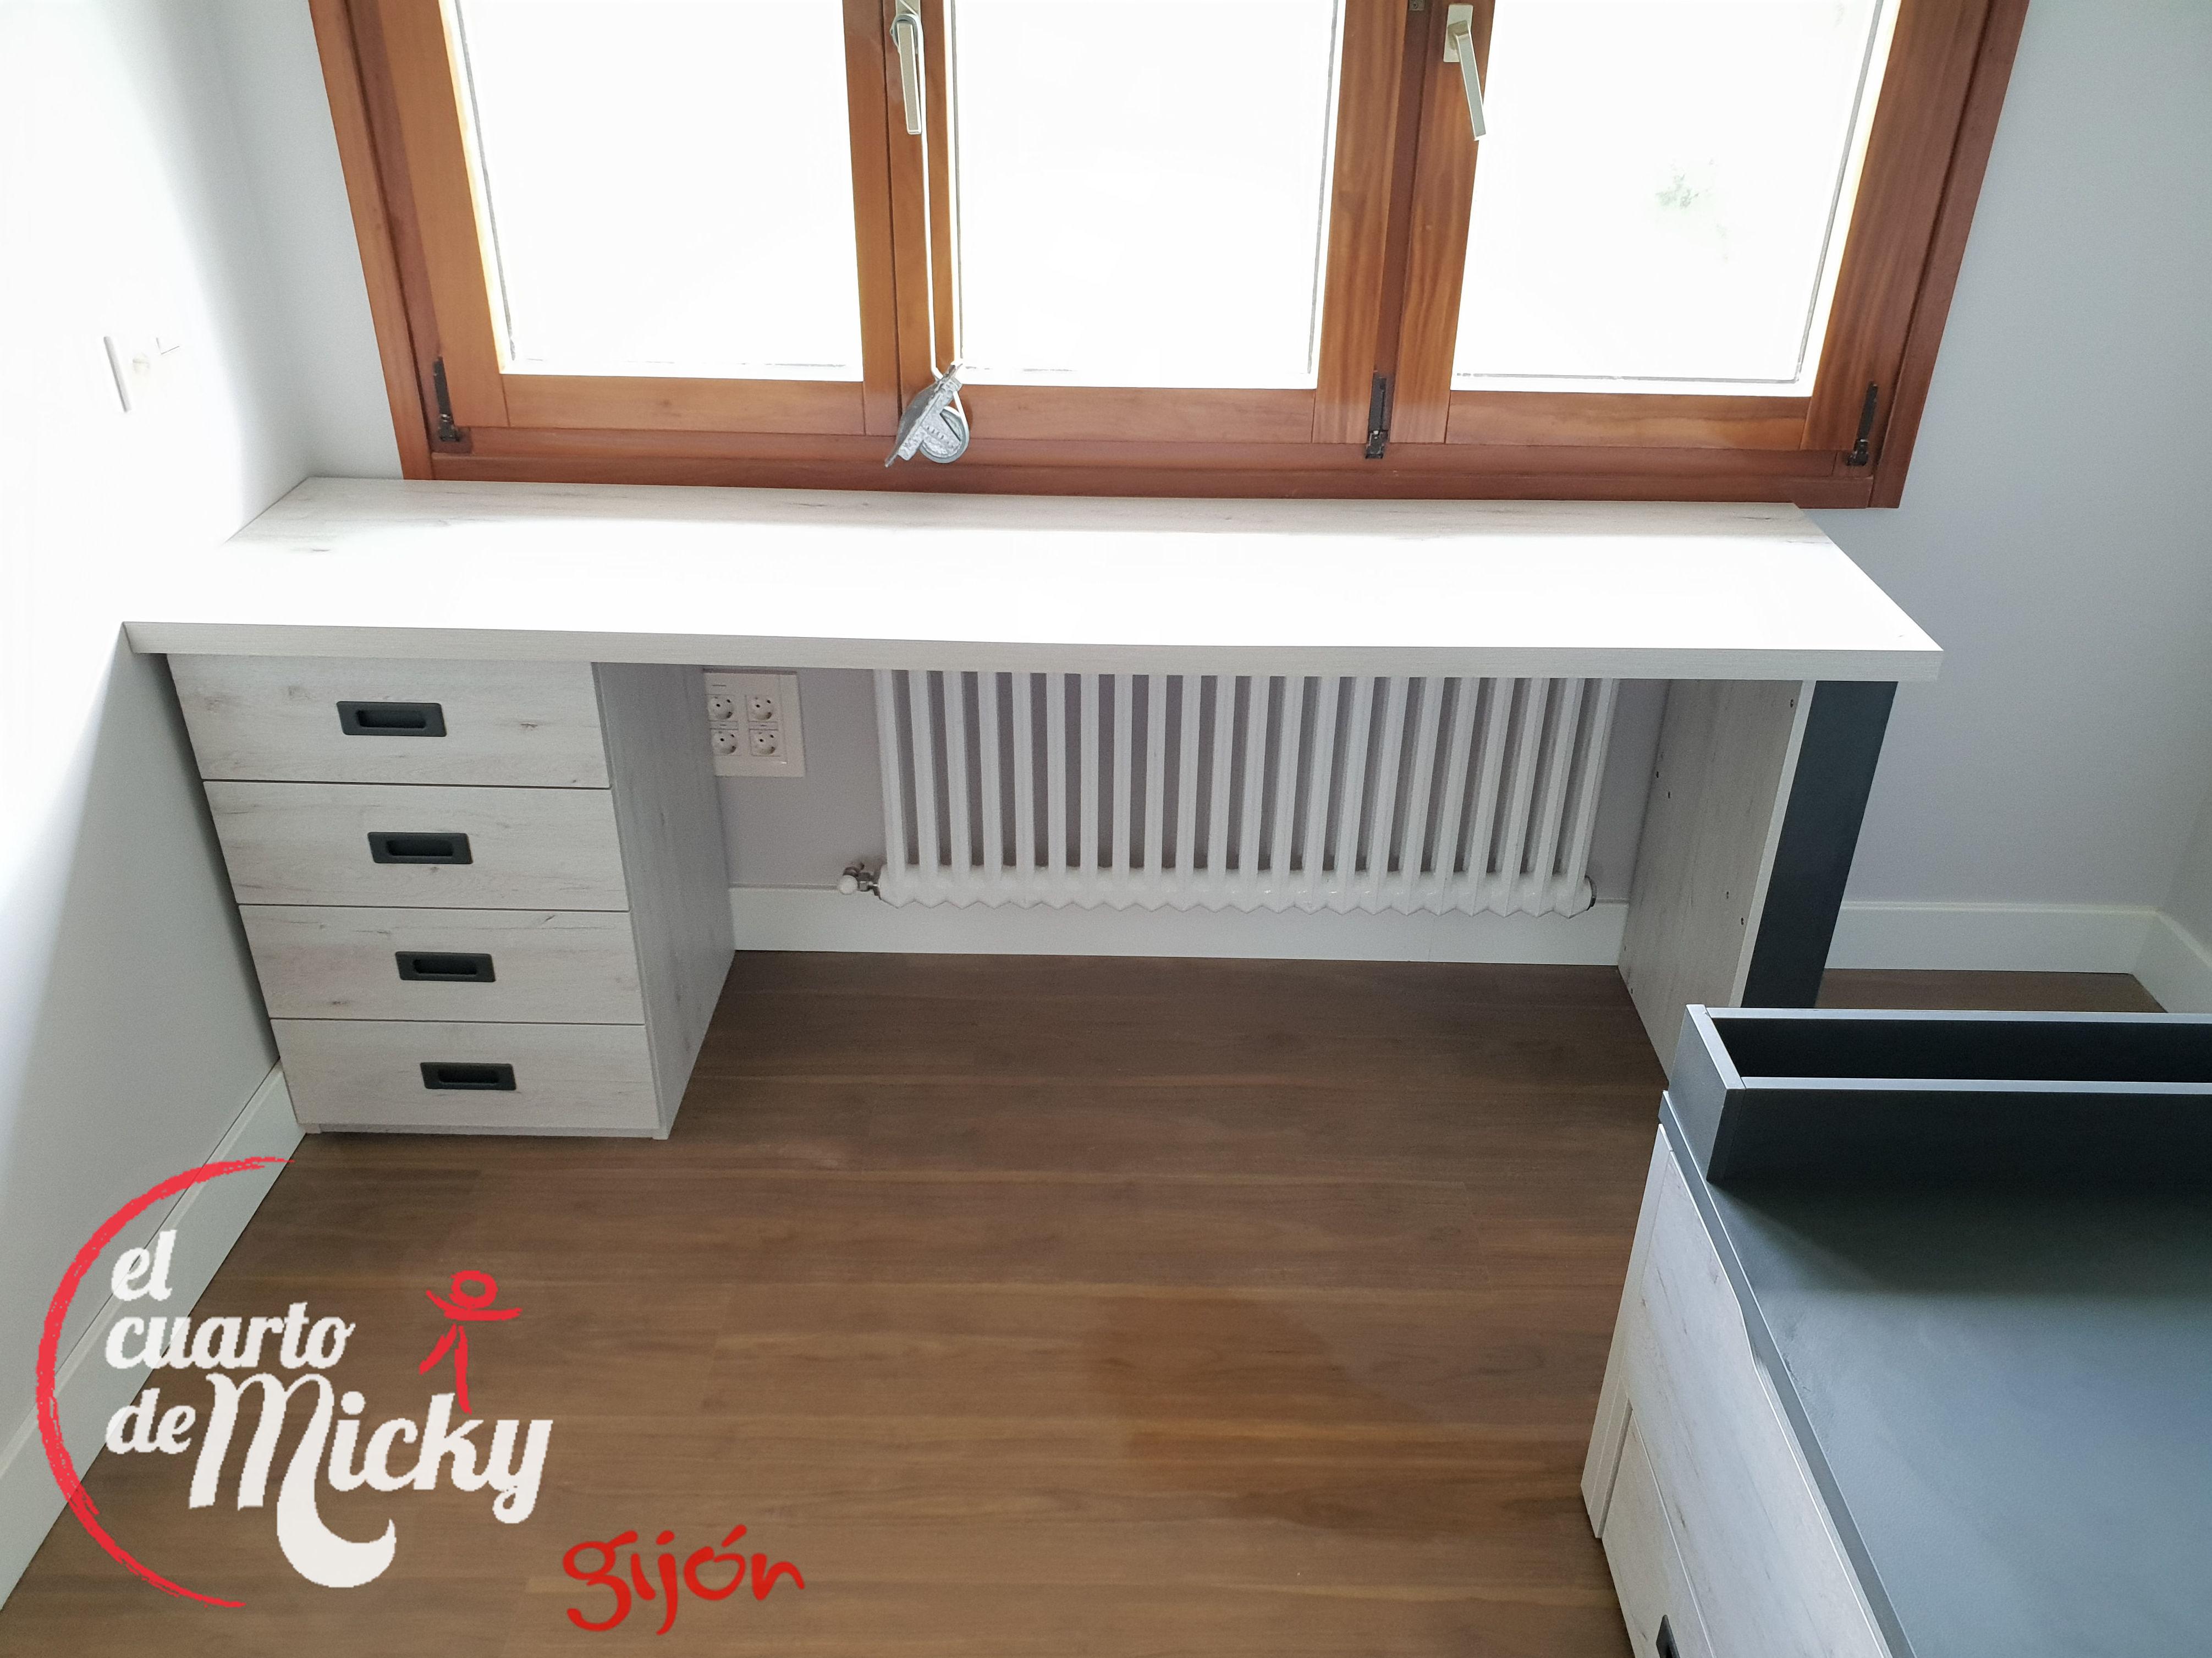 Foto 8 de Muebles y habitaciones infantiles en Gijón | El Cuarto de Micky